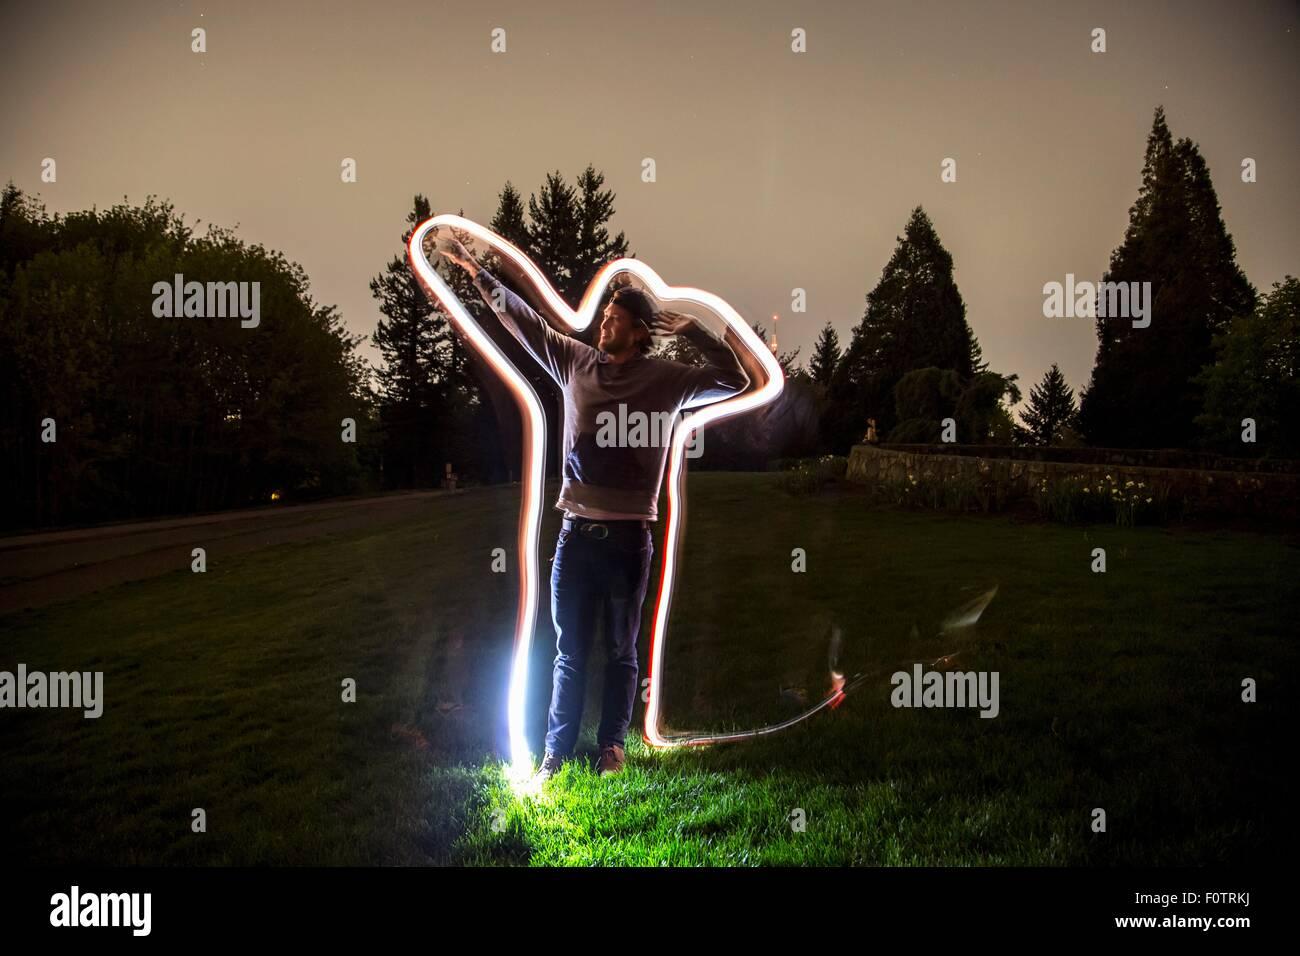 Jeune homme, standing in field, au crépuscule, le bras en position de pointage, sentier lumineux retraçant Photo Stock